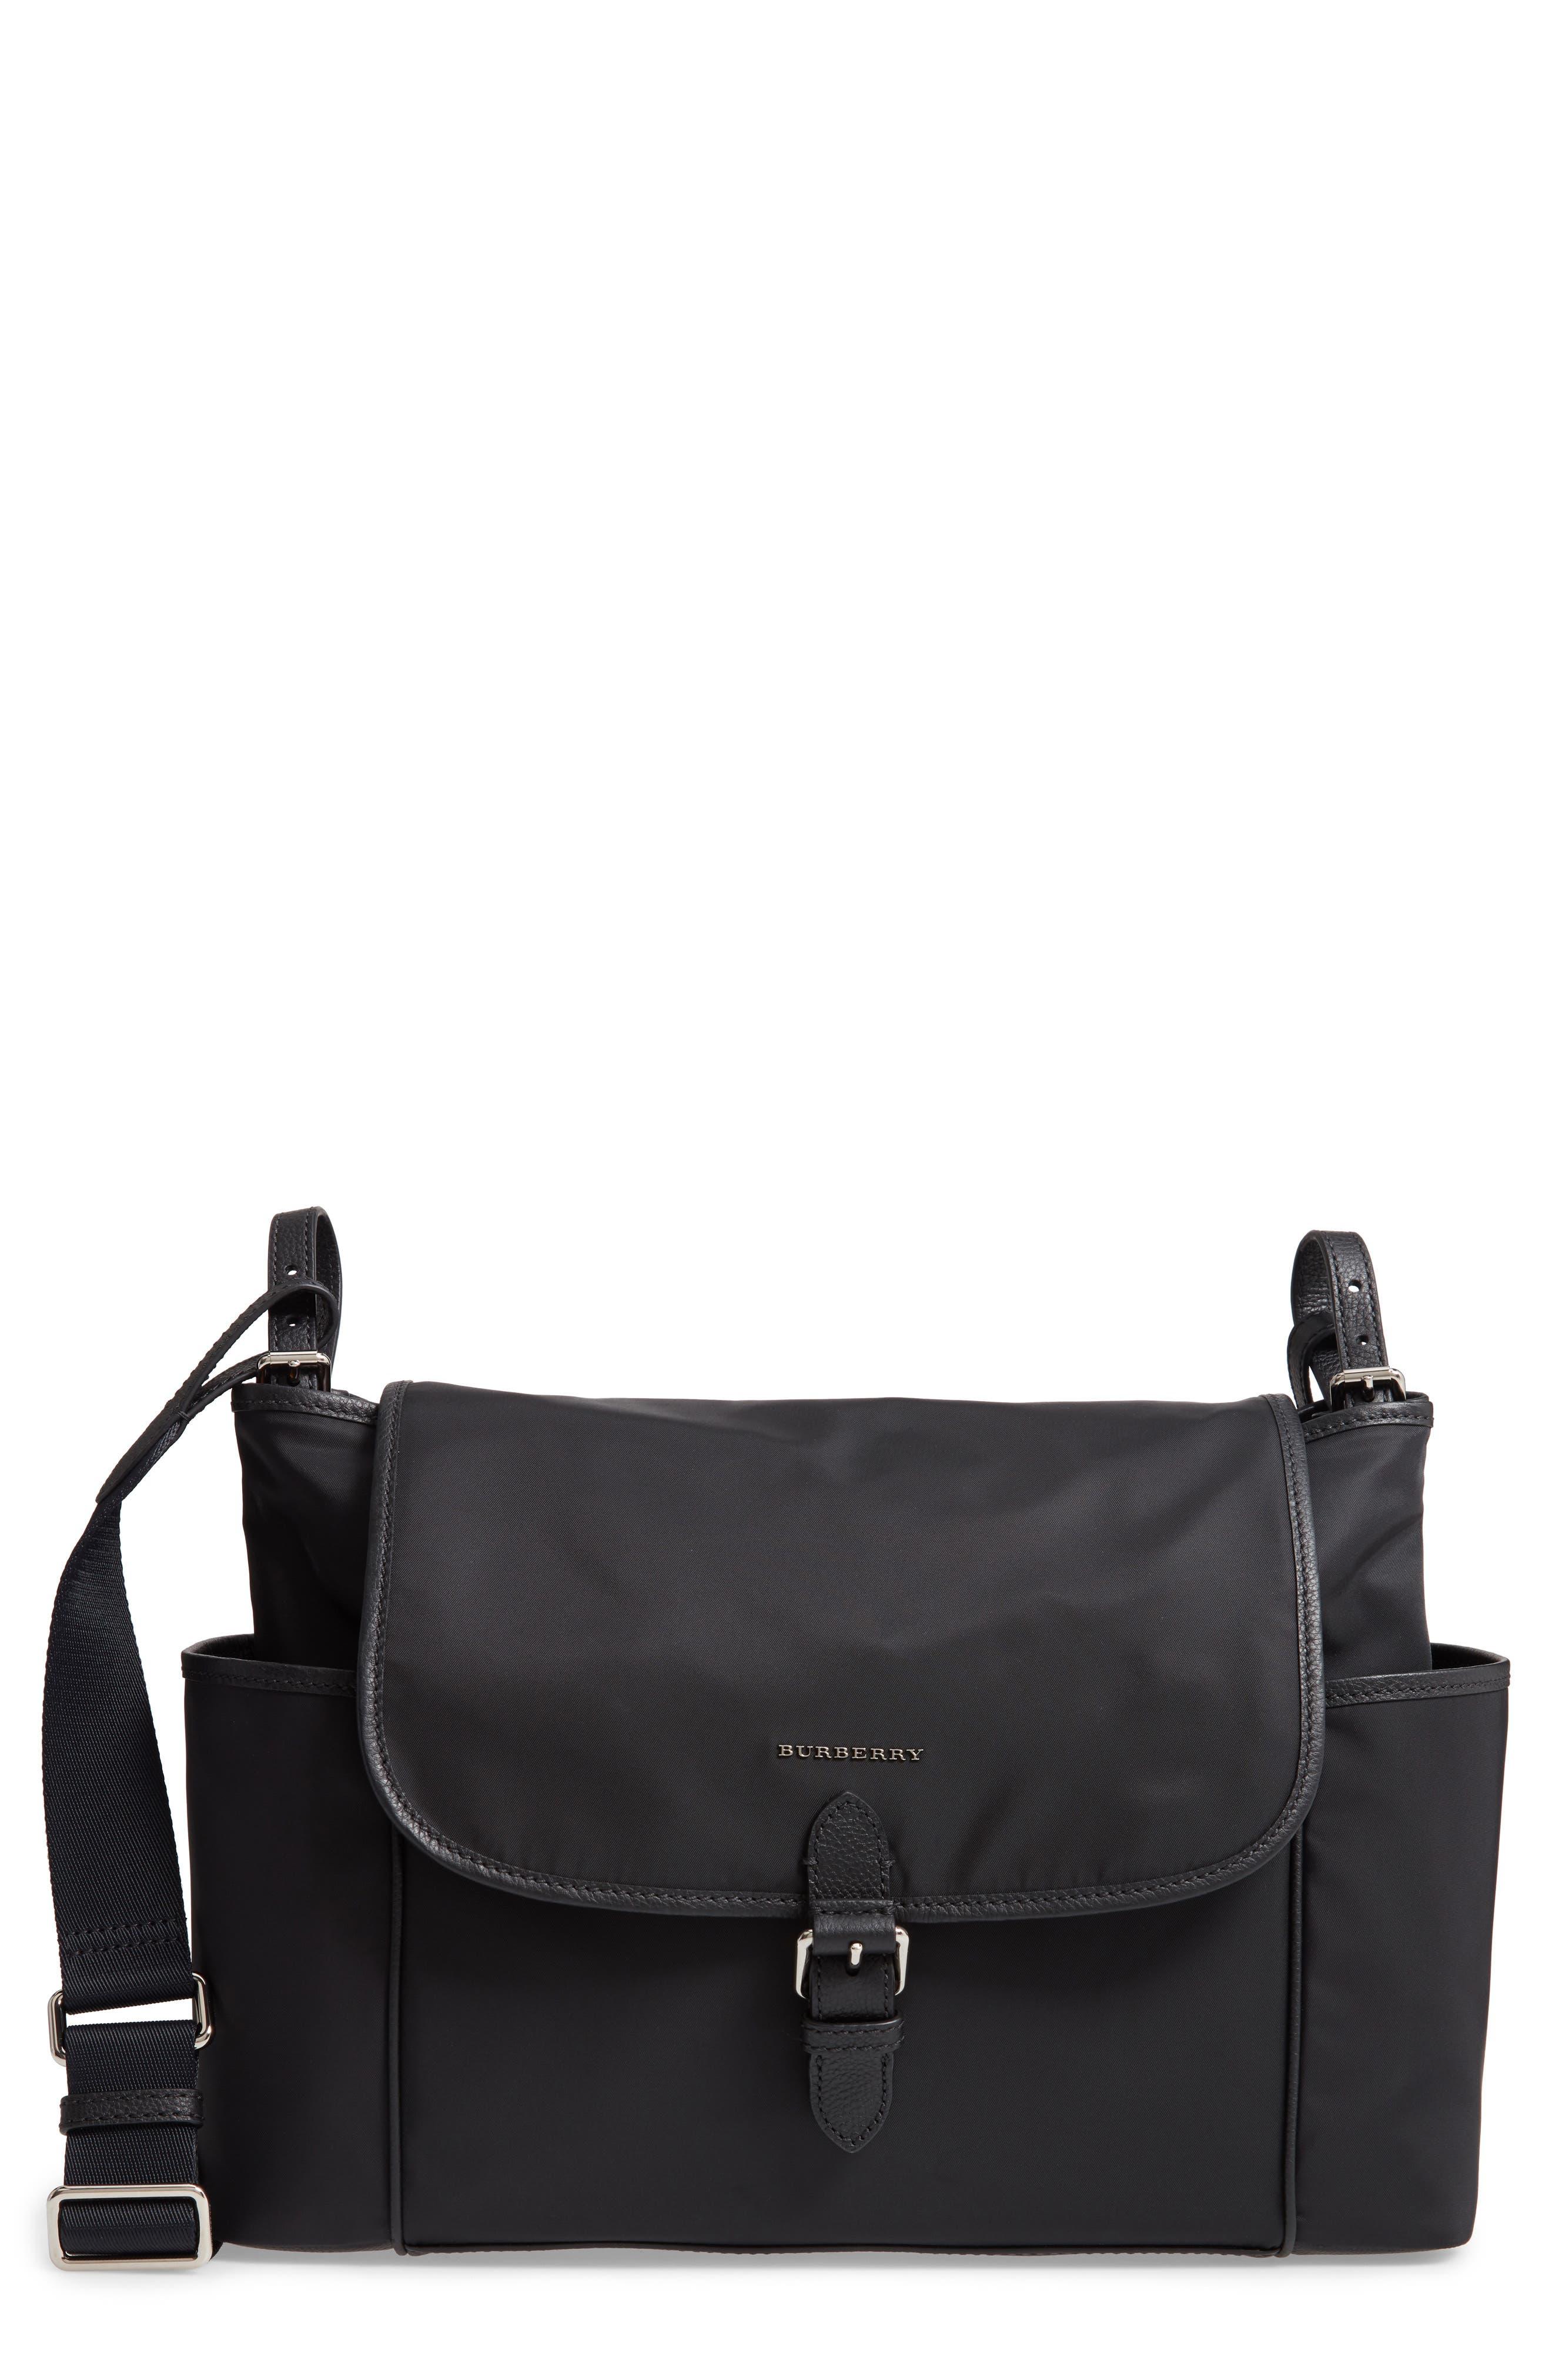 70846e34a6b Burberry Crossbody Bags | Nordstrom